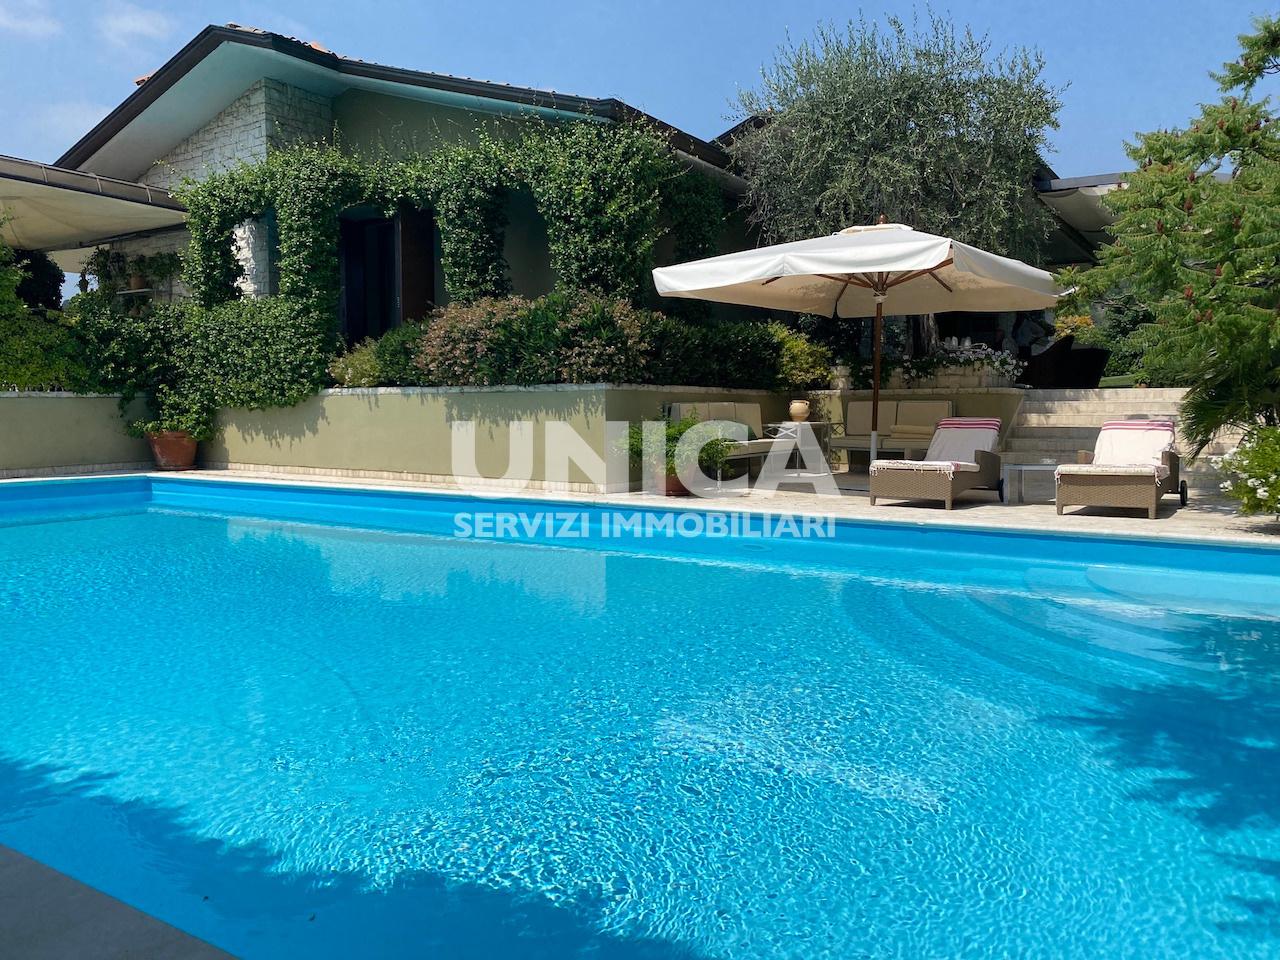 Villa in vendita a Cellatica, 5 locali, prezzo € 1.480.000   PortaleAgenzieImmobiliari.it